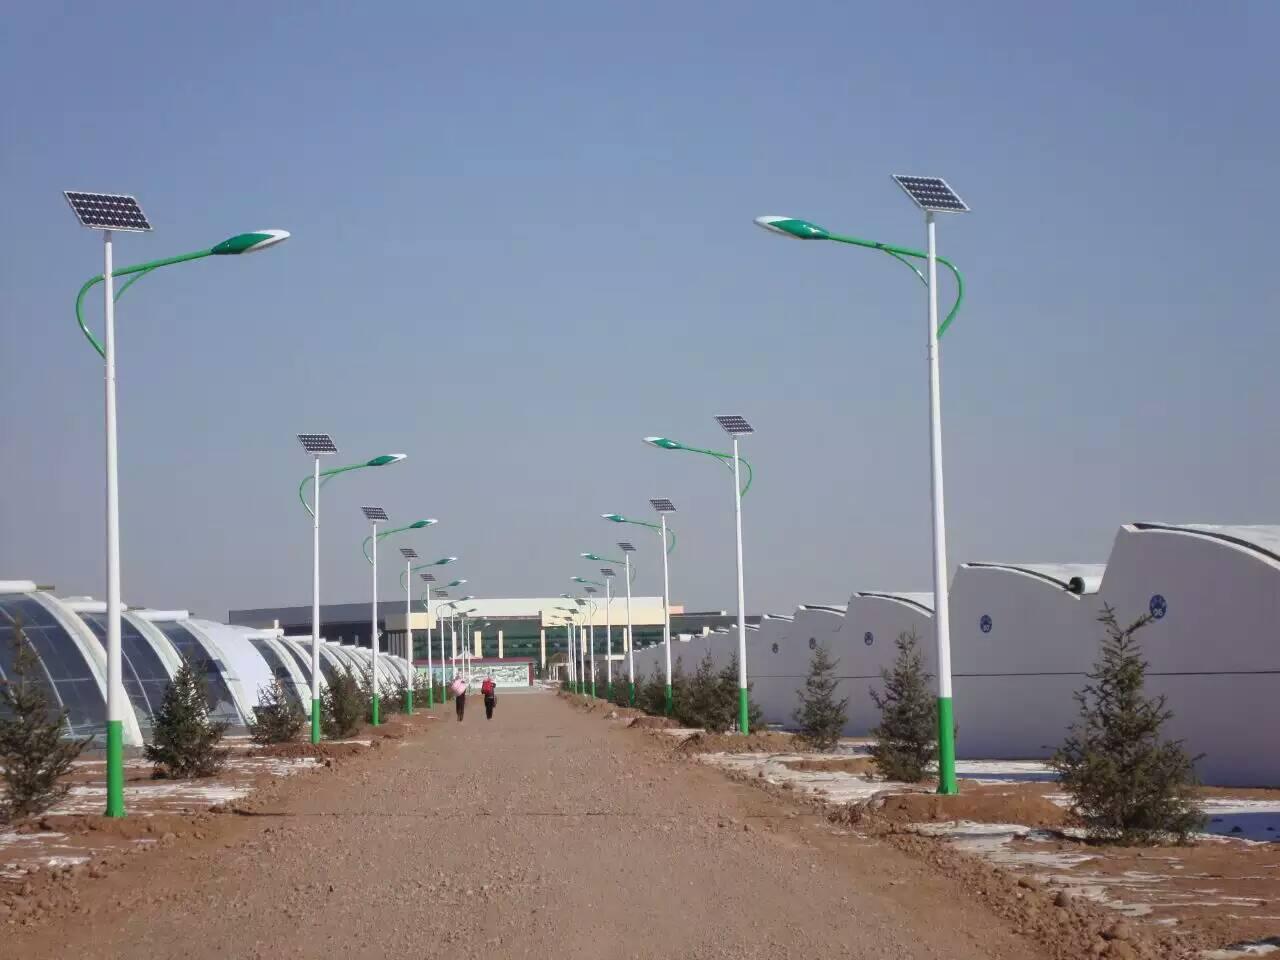 太陽能路燈生產商-實惠的太陽能路燈-甘肅綠源節能照明